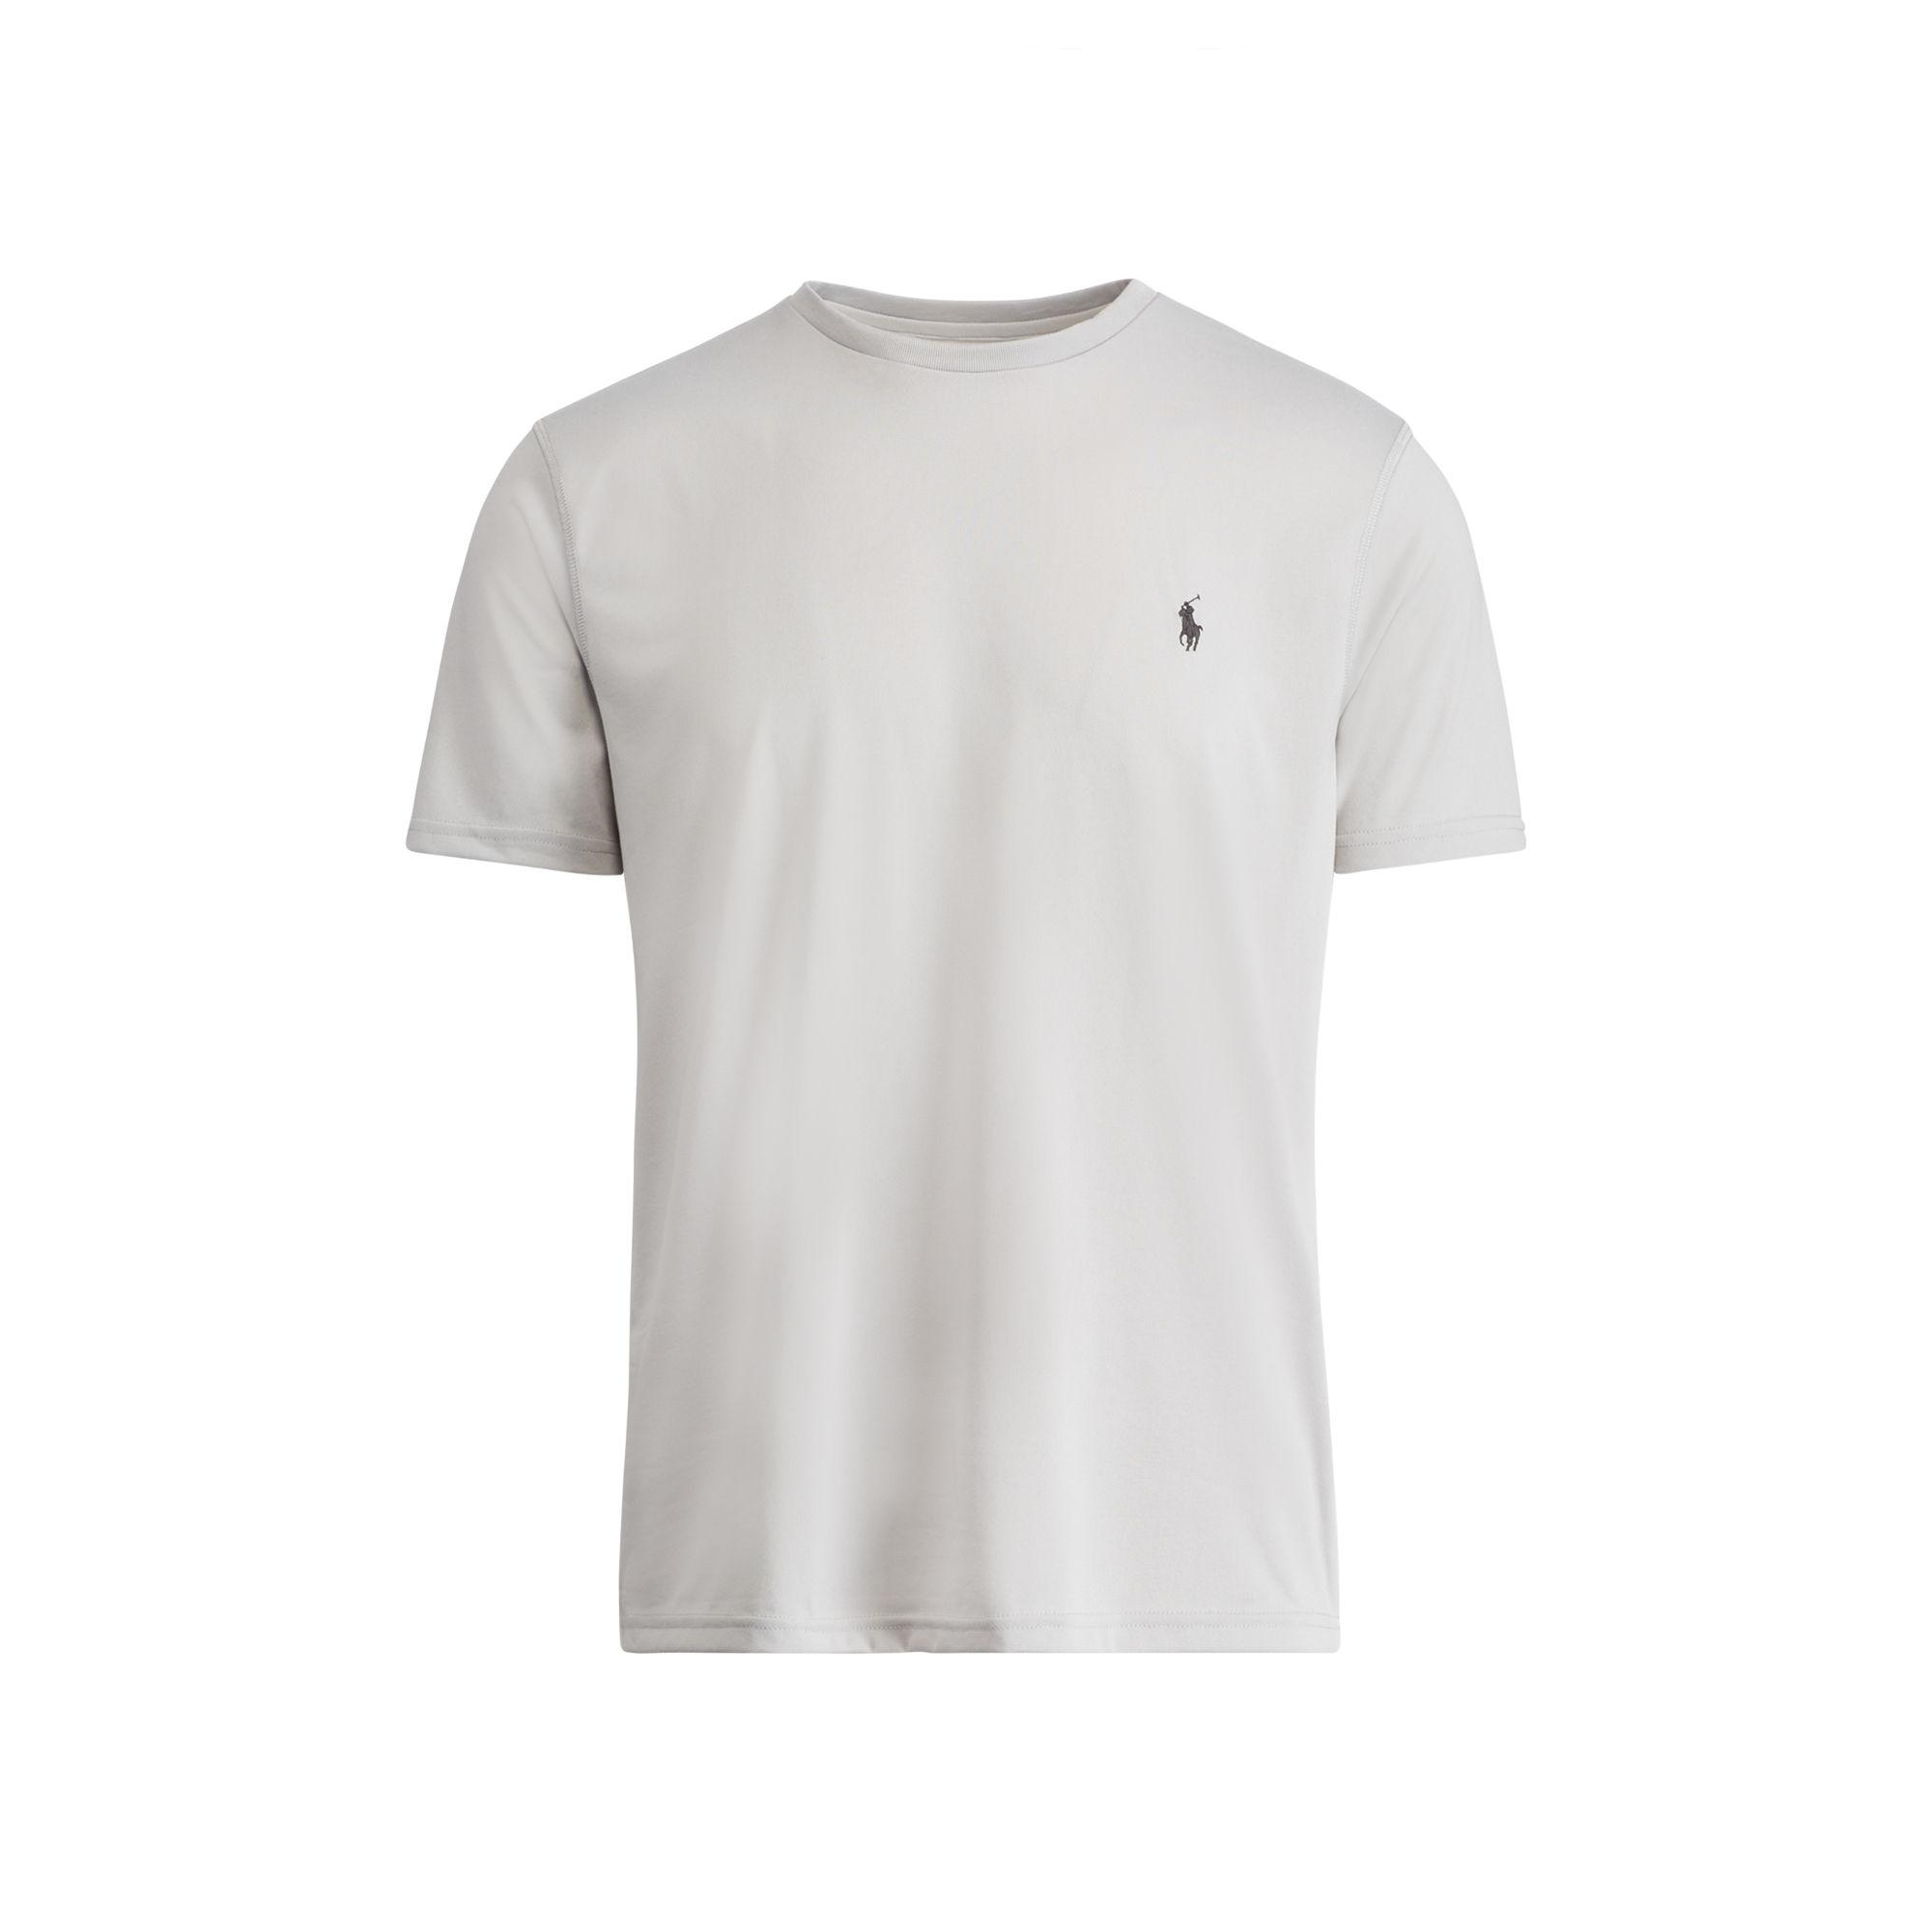 Polo ralph lauren performance jersey t shirt in gray for for Ralph lauren polo jersey shirt